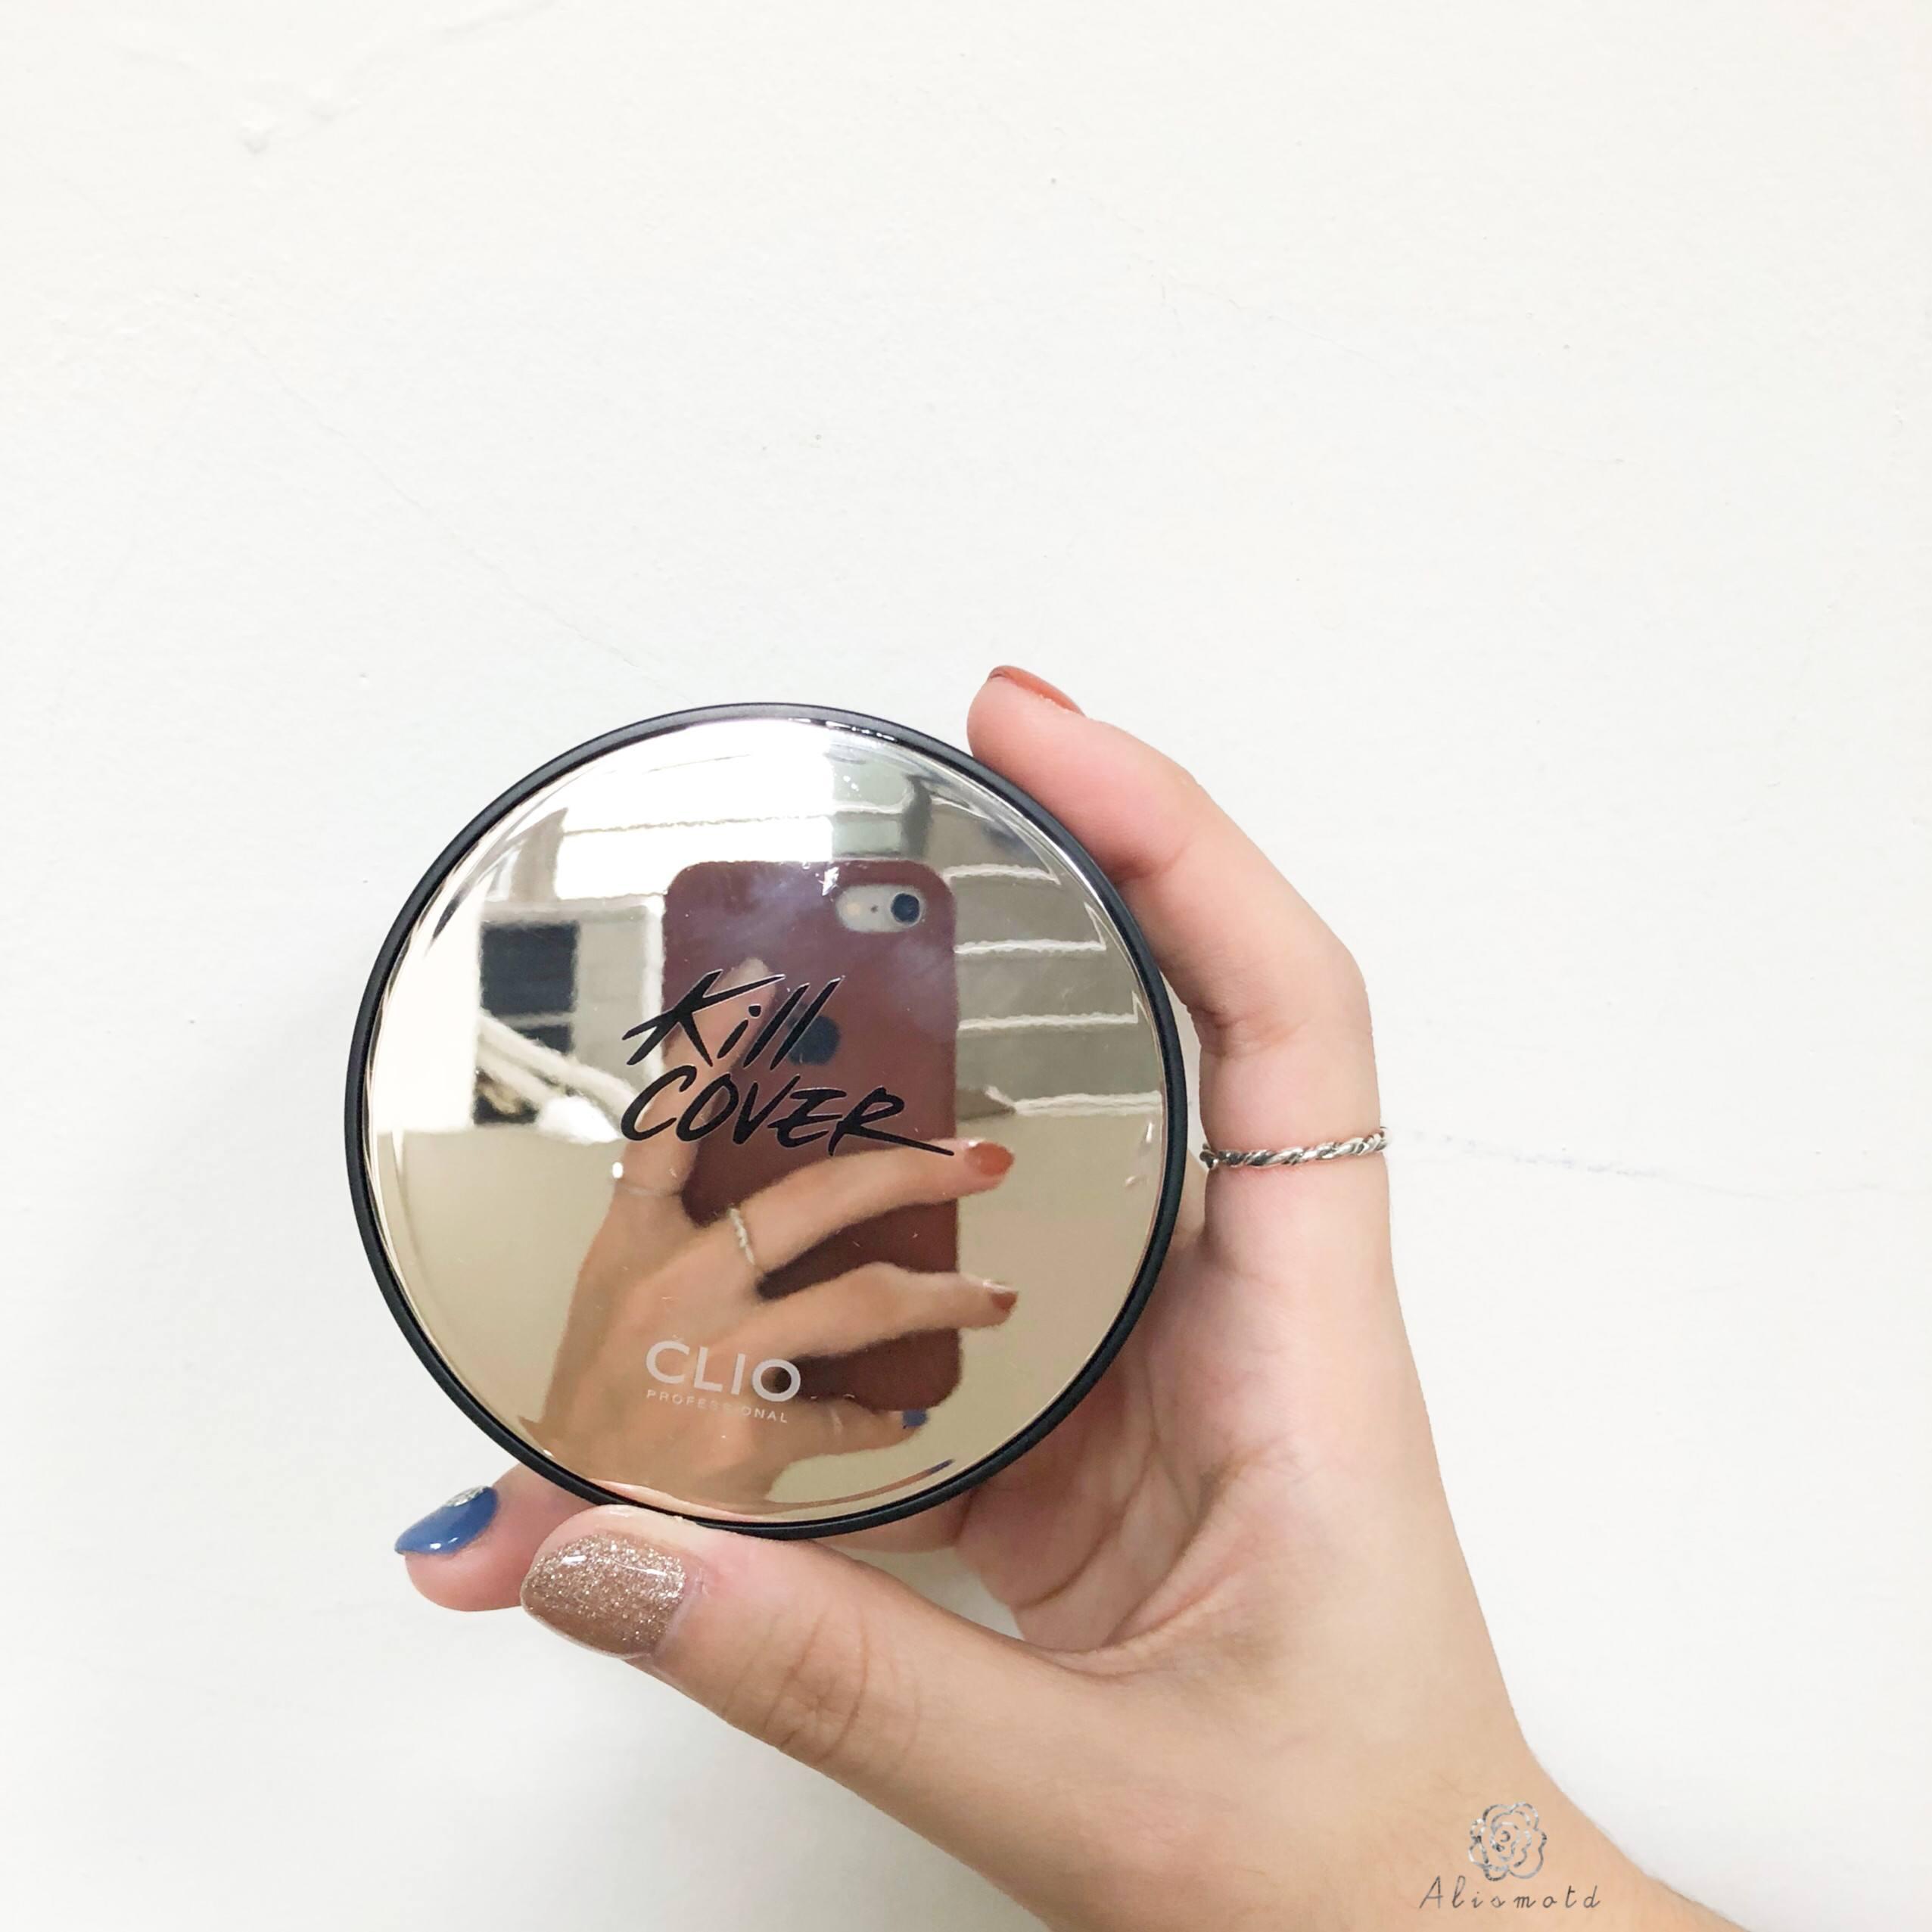 近期的開架底妝也是一個比一個厲害,CLIO今年新推出的新版KILL COVER「光感無瑕氣墊粉餅 柔霧版」,這款主打的是霧面無瑕肌,同時依然兼顧保濕,乾肌如我居然對它心花怒放到不行!